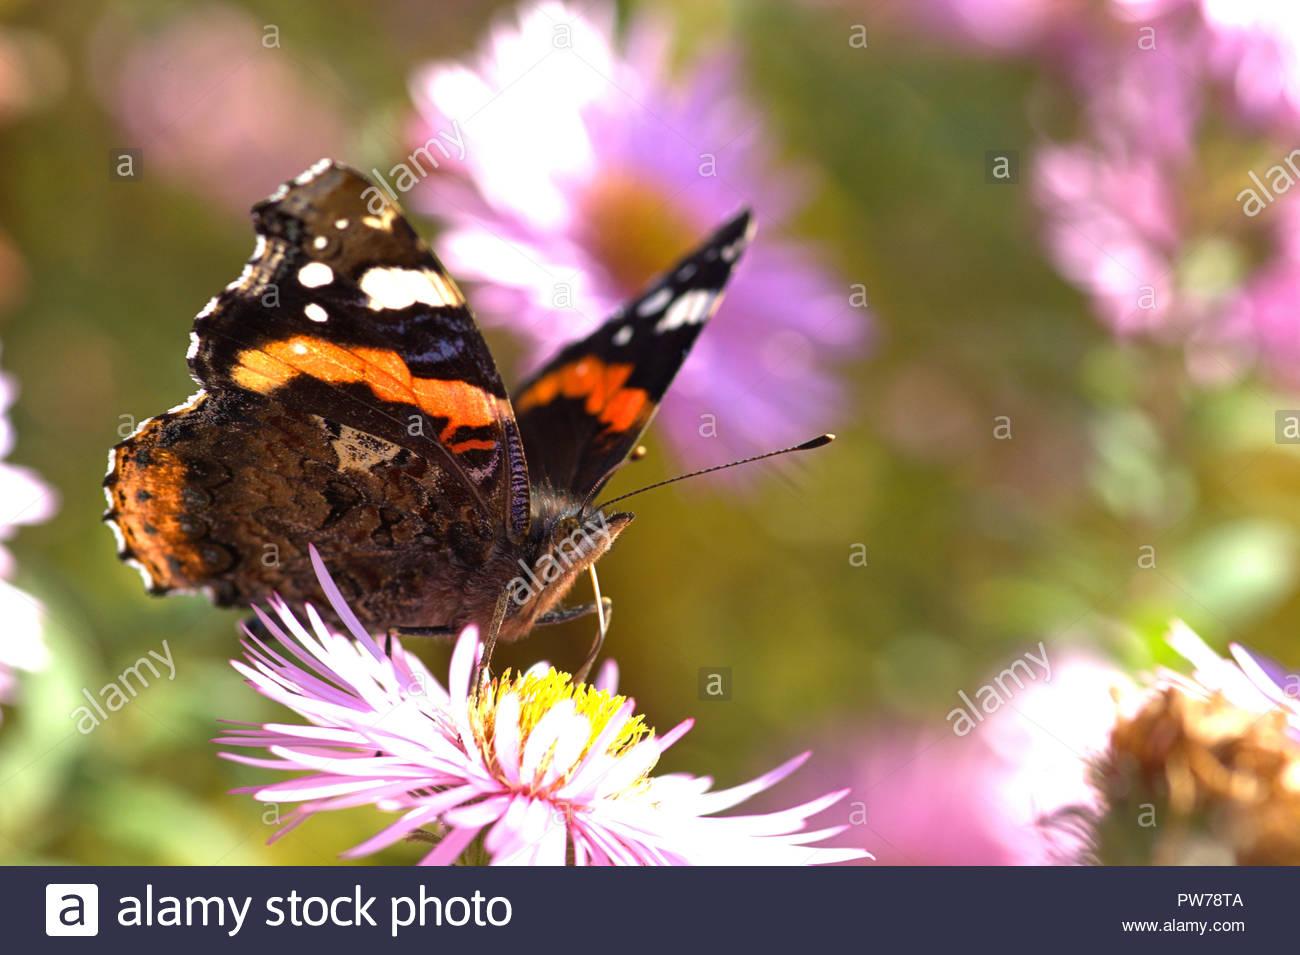 Ein Admiral (Vanessa atalanta, Syn.: Pyrameis atalanta), ein Schmetterling aus der Familie der Edelfalter (Nymphalidae) auf der Blüte einer Aster. Stock Photo